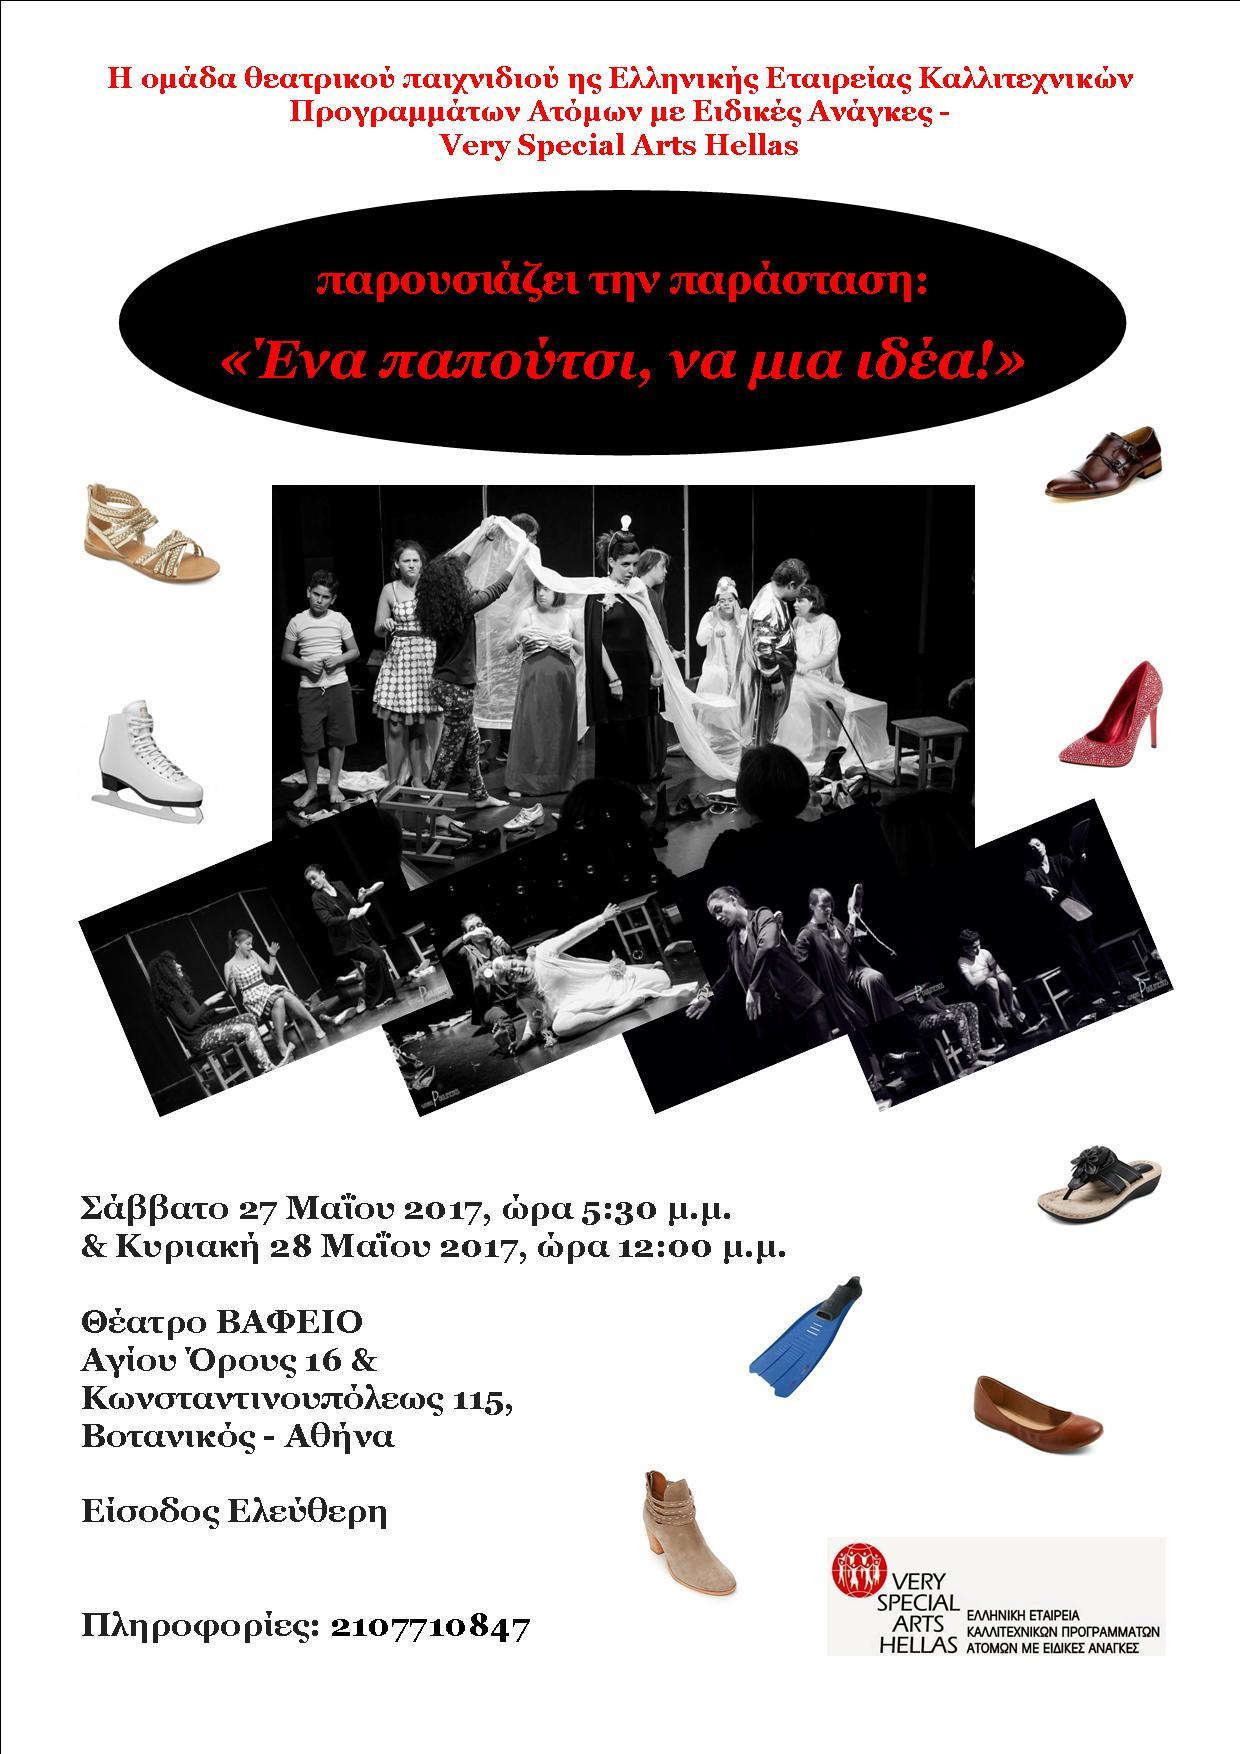 Ένα παπούτσι, να μία ιδέα! Μια παράσταση από την ομάδα θεατρικού παιχνιδιού της Very Special Arts HellasΚυριακή, 28 Μάιος, 2017 - 12:00 - 13:30.